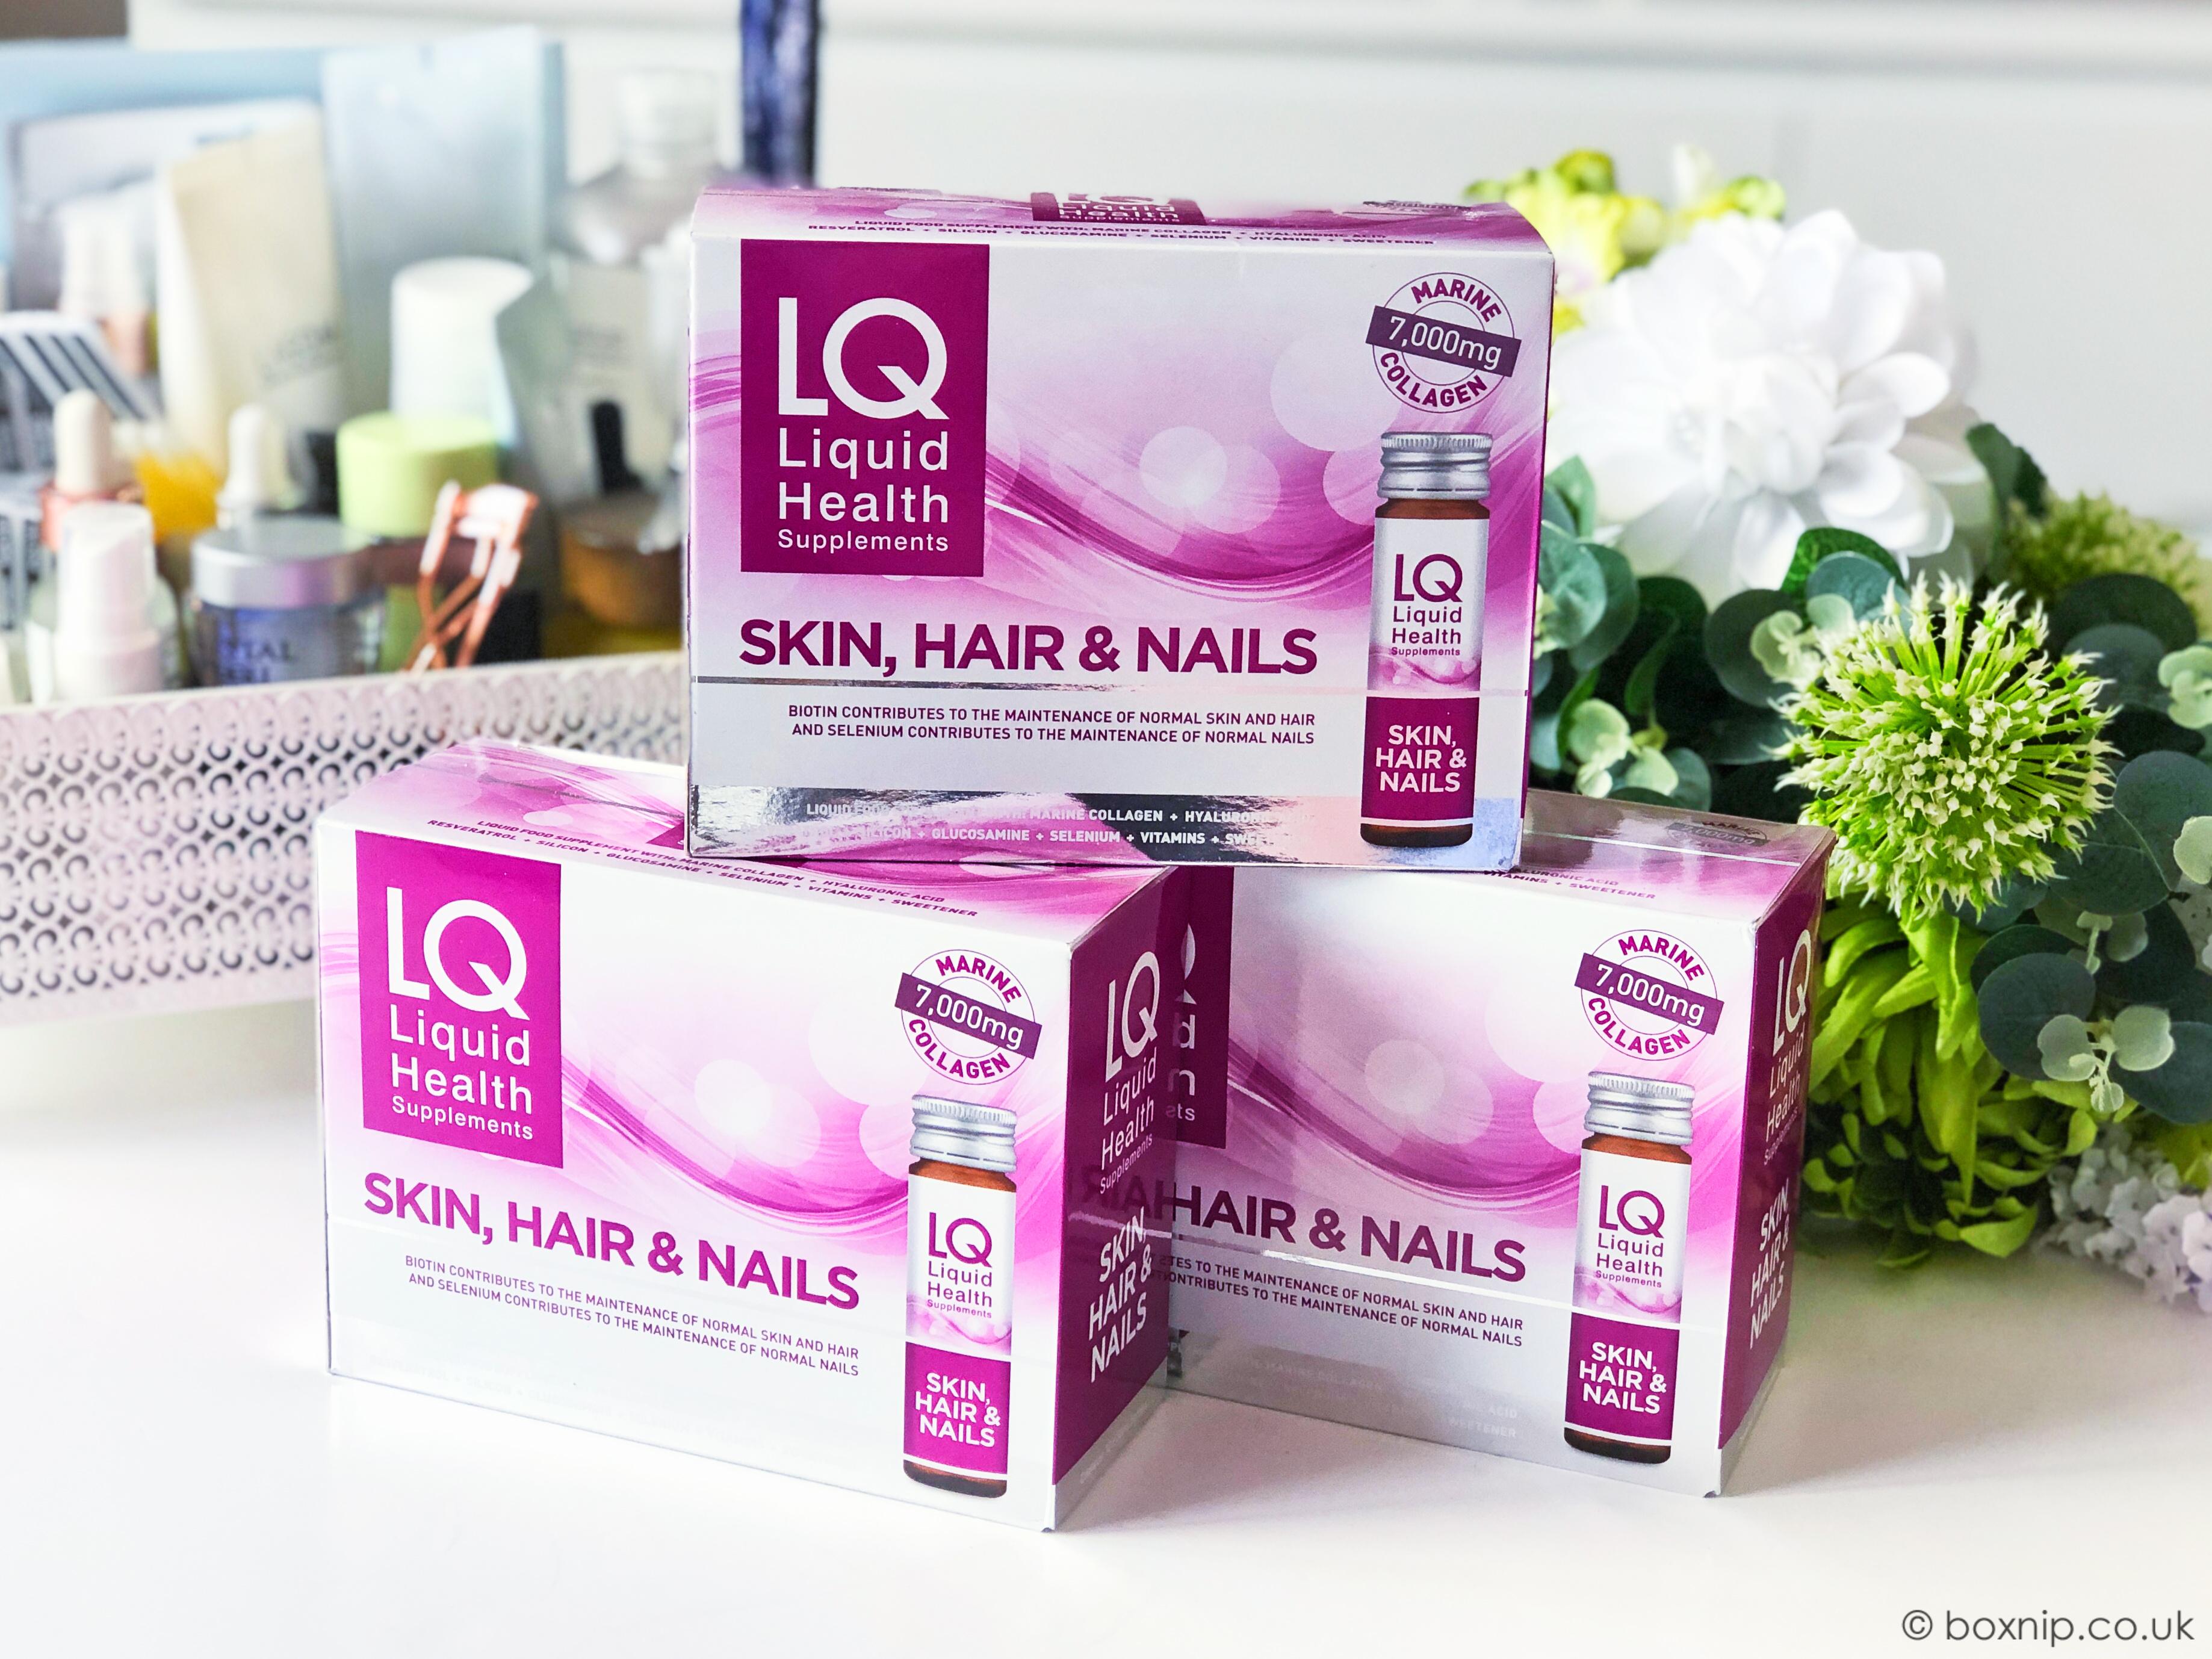 LQ Liquid Health Supplements